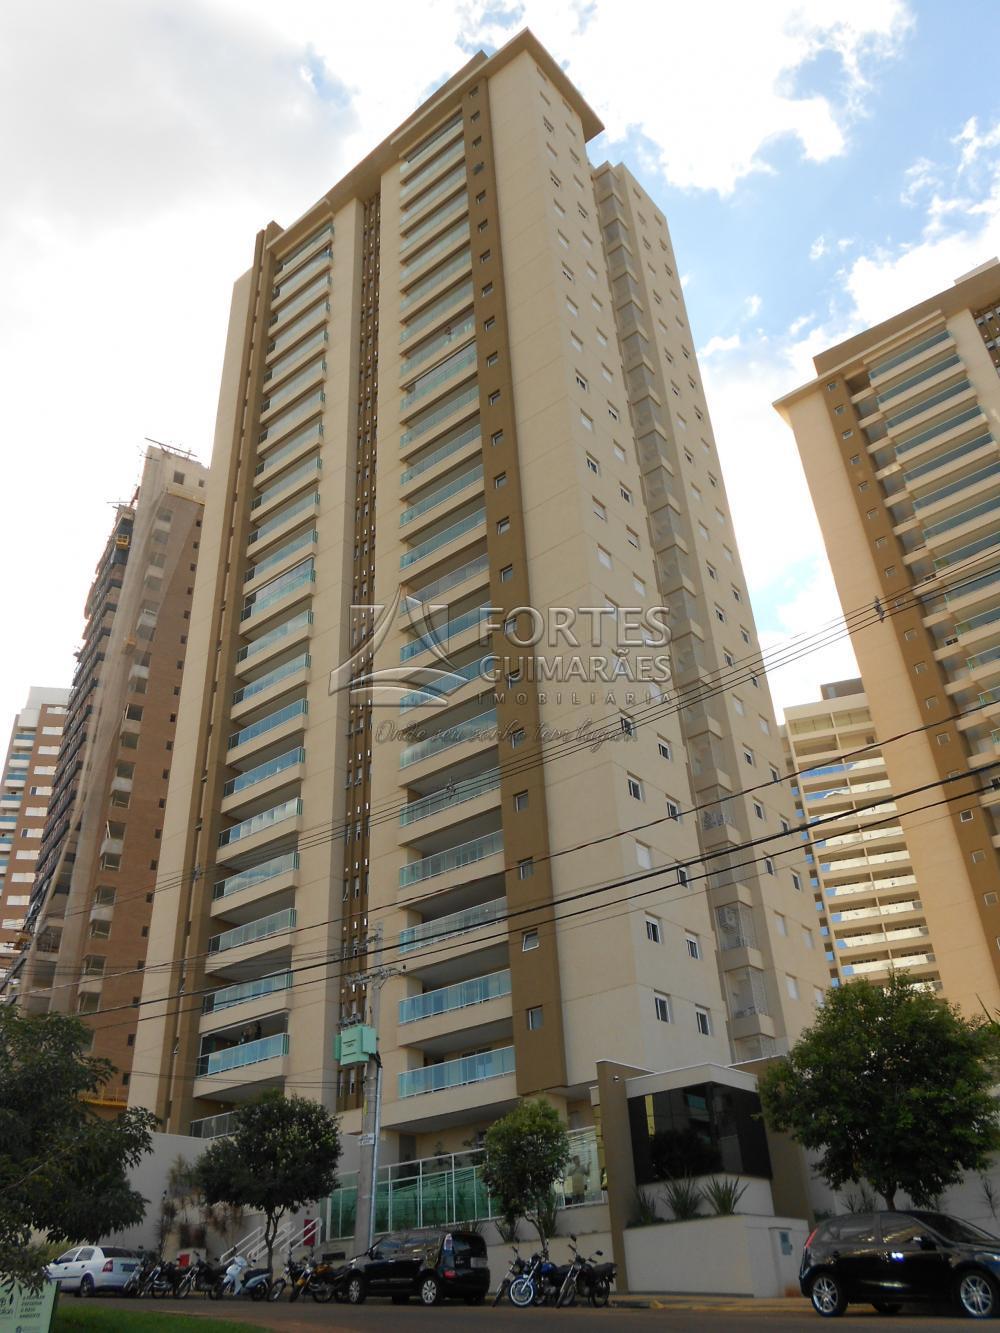 Alugar Apartamentos / Padrão em Ribeirão Preto apenas R$ 2.800,00 - Foto 1